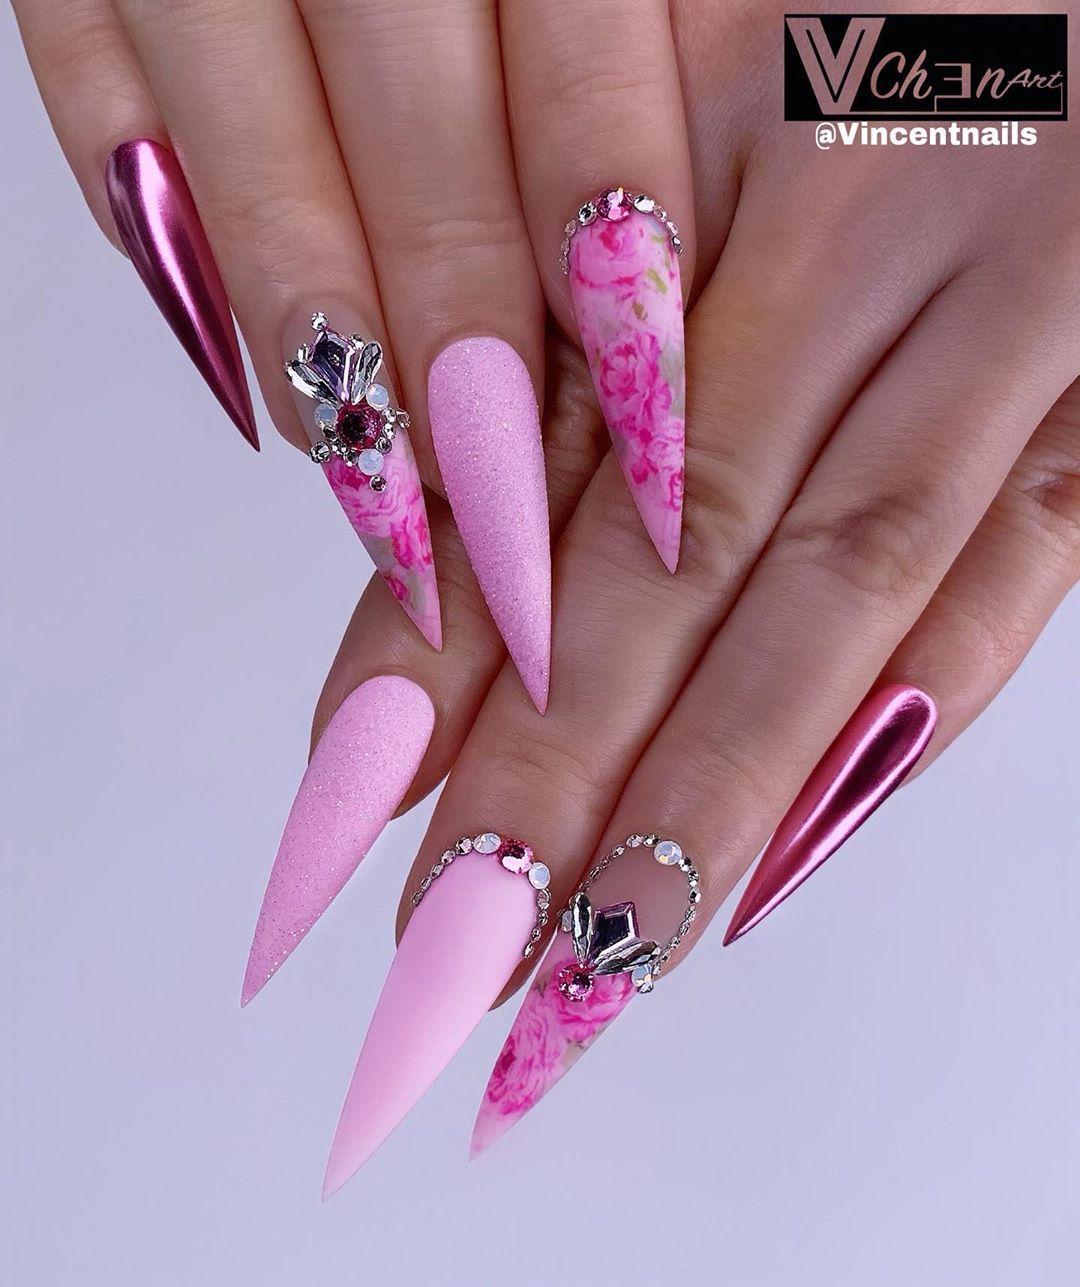 Keep Calm And Wear Pink Nails Vchenart Vchenart Nailsofinstagram Nails2inspire Stilleto Manicura De Unas Manicura Unas